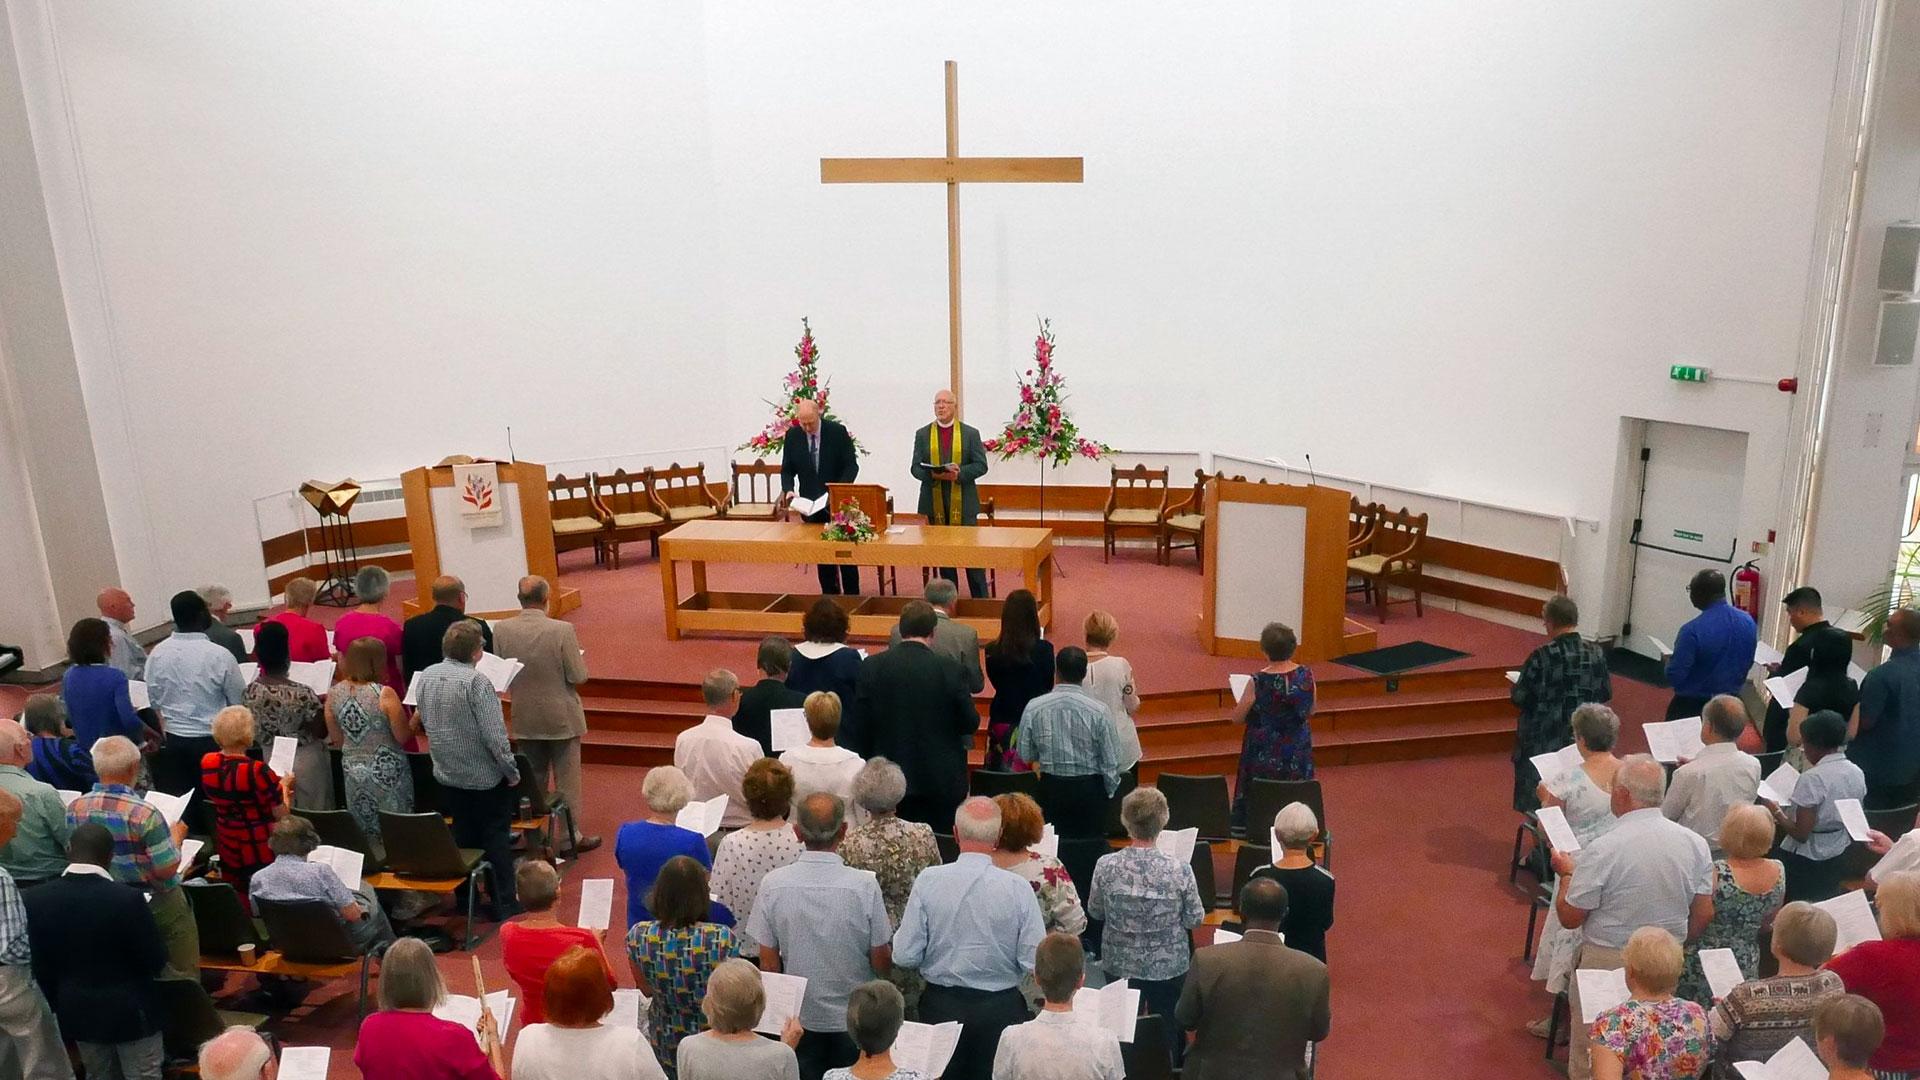 Desafios à adoração